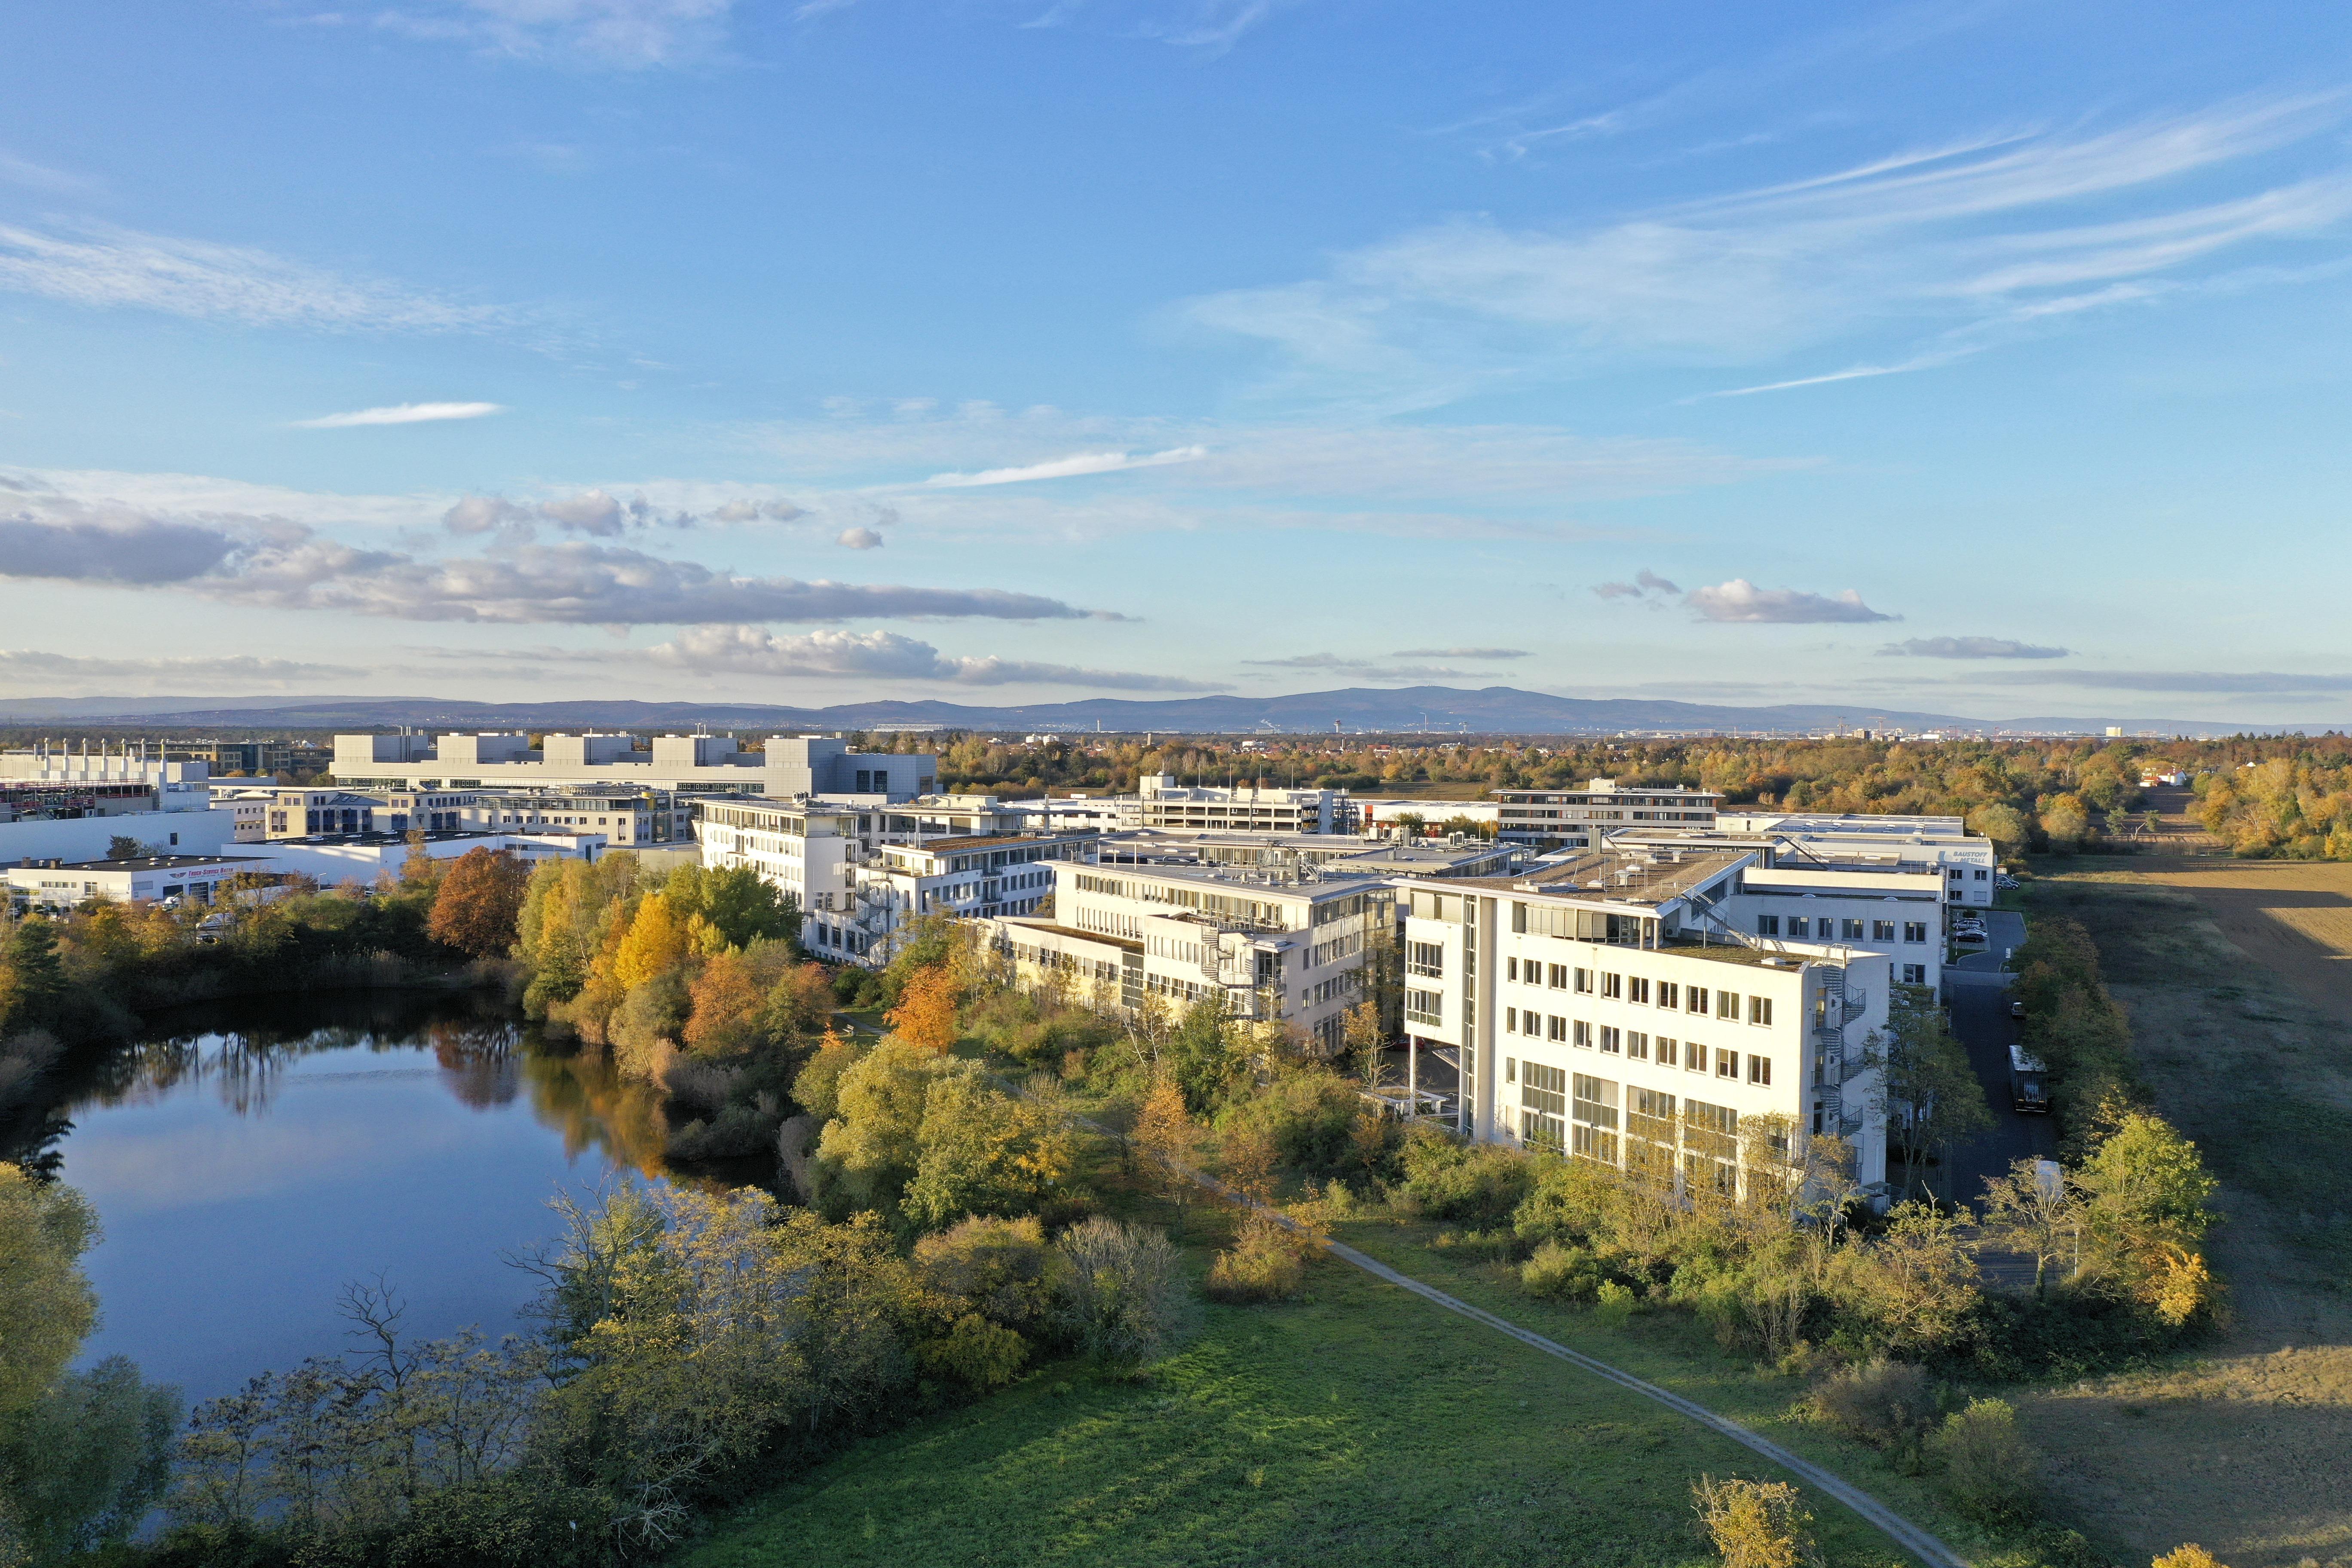 Neuvermietung bei Frankfurt: über 1.000 Quadratmeter unterzeichnet / New lease near Frankfurt: over 1,000 square metres signed